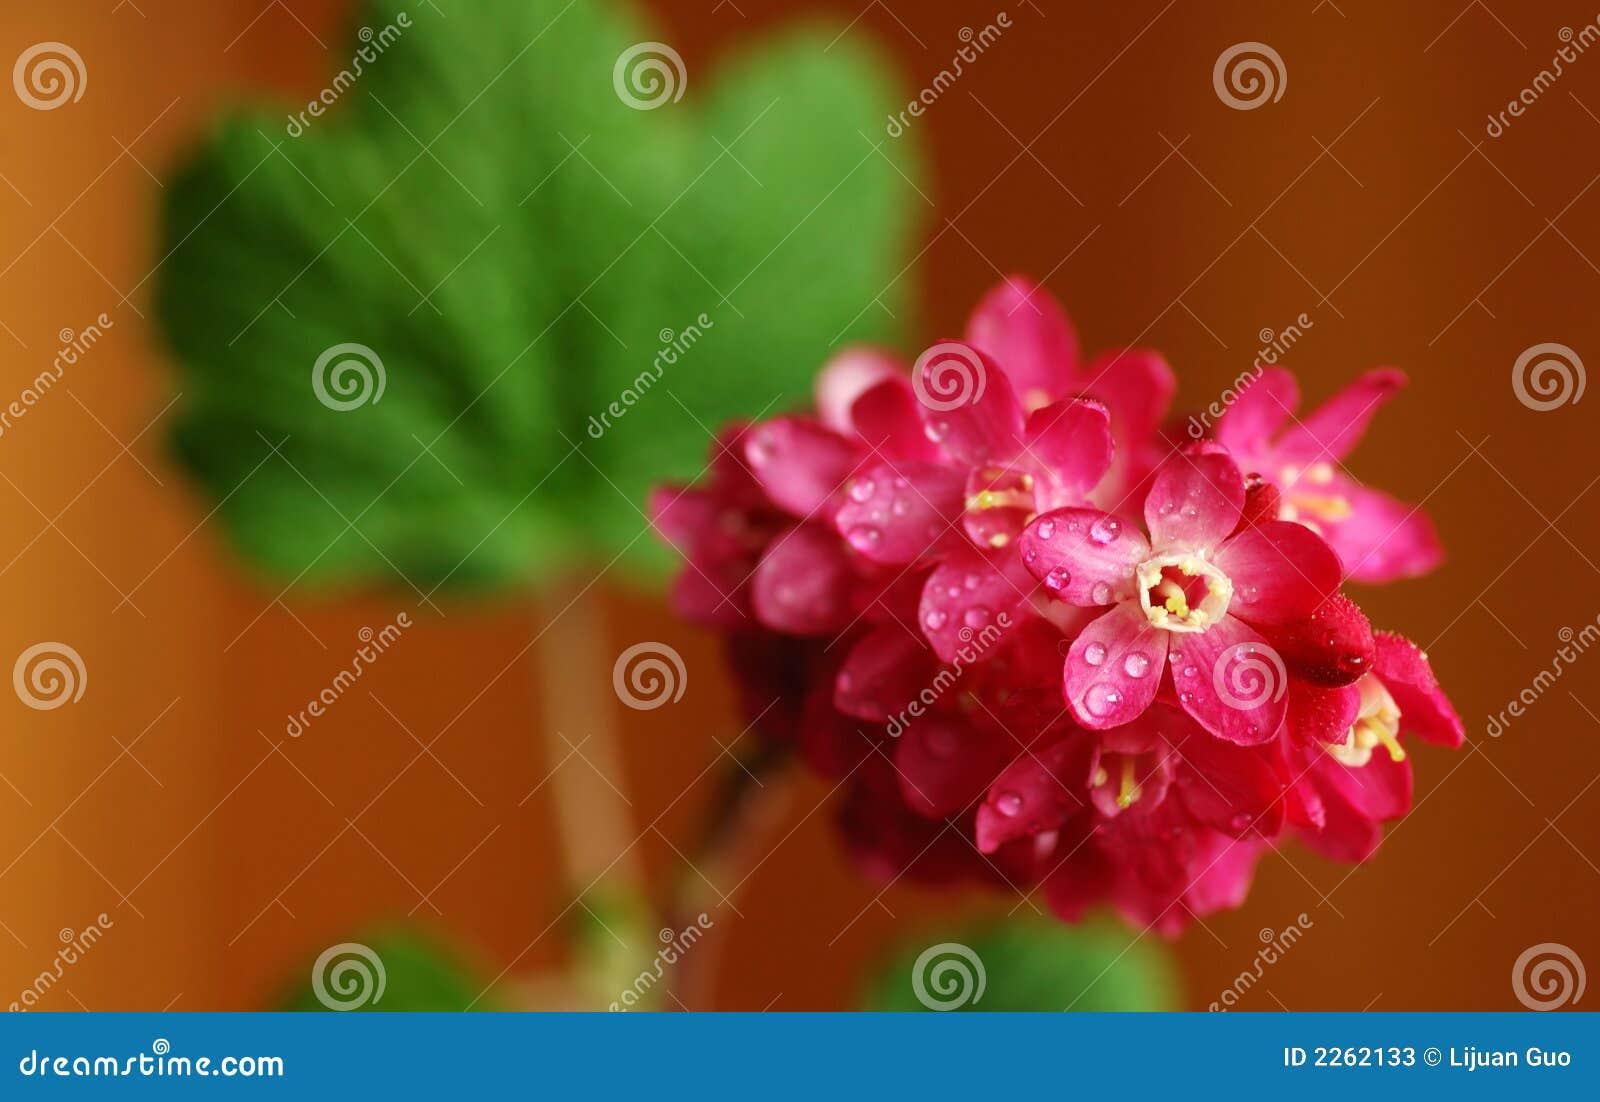 Passa de Corinto de florescência vermelha